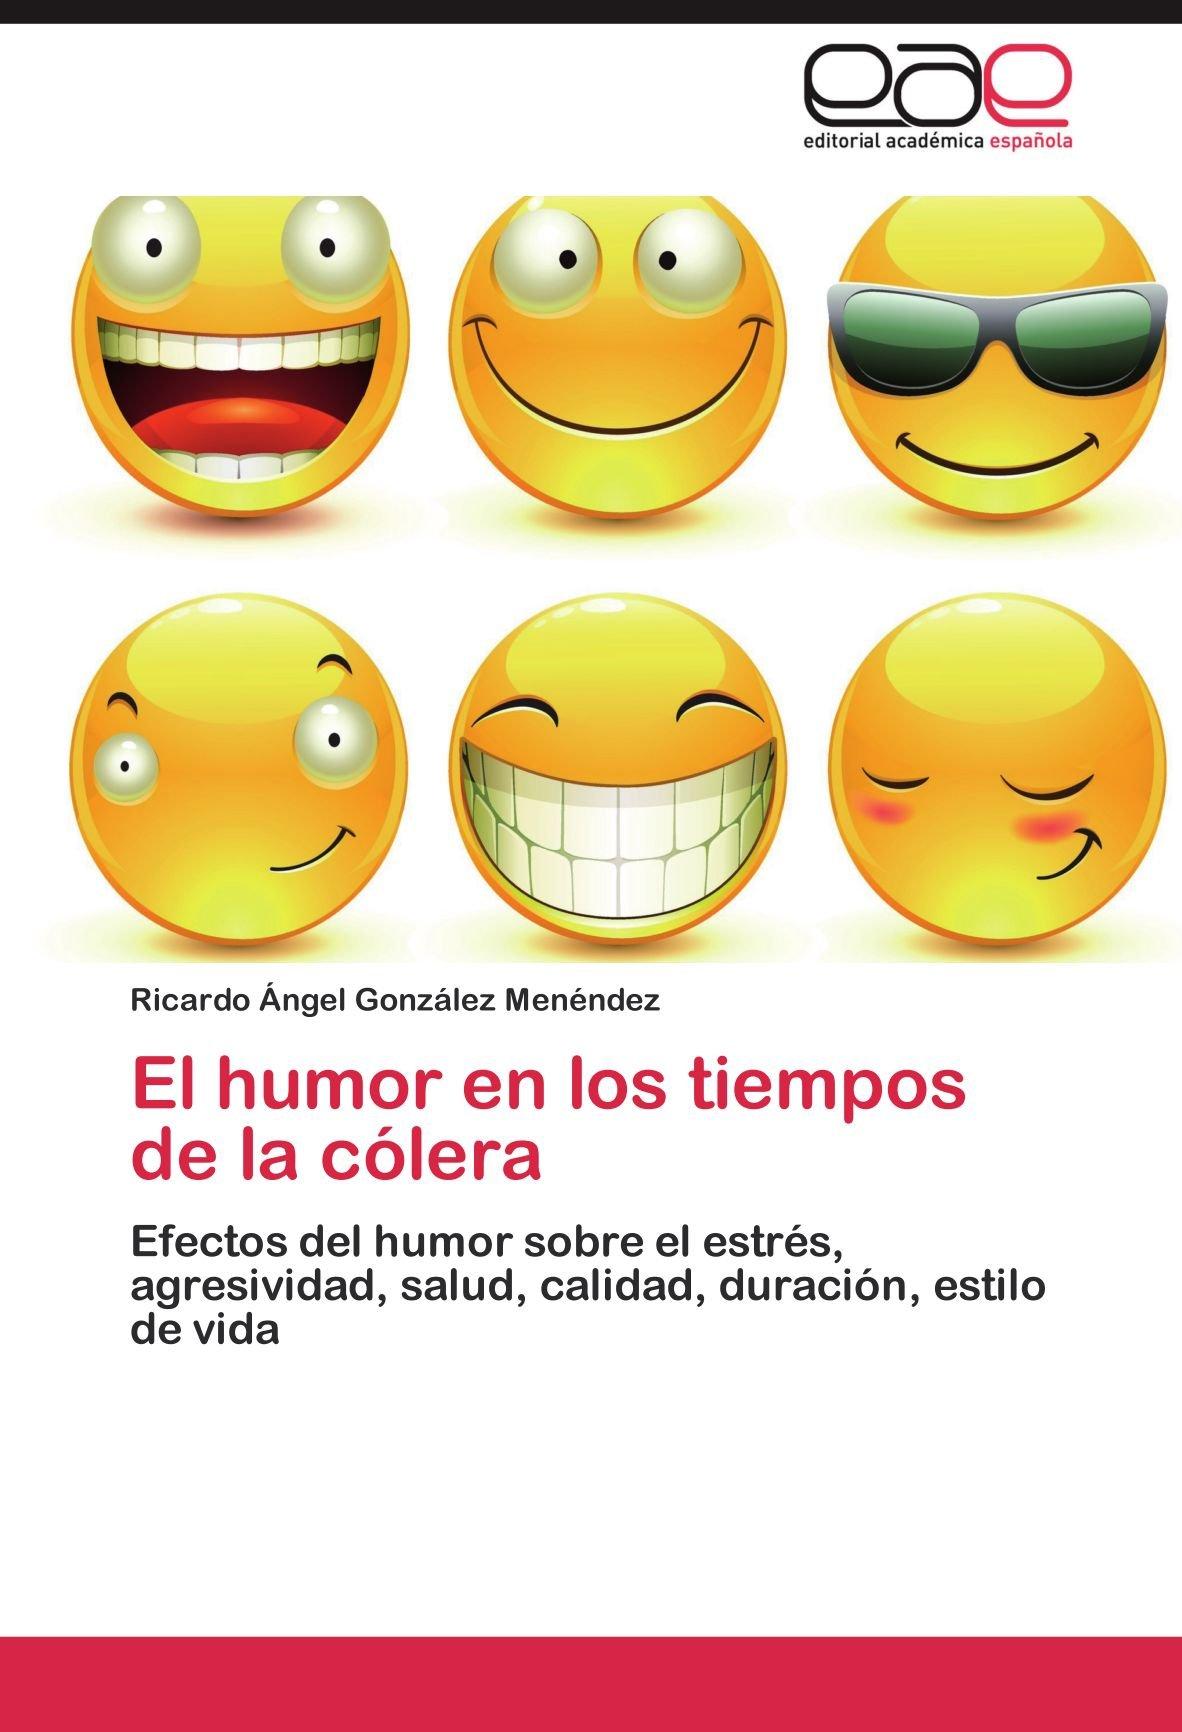 Download El humor en los tiempos de la cólera: Efectos del humor sobre el estrés, agresividad, salud, calidad, duración, estilo de vida (Spanish Edition) ebook